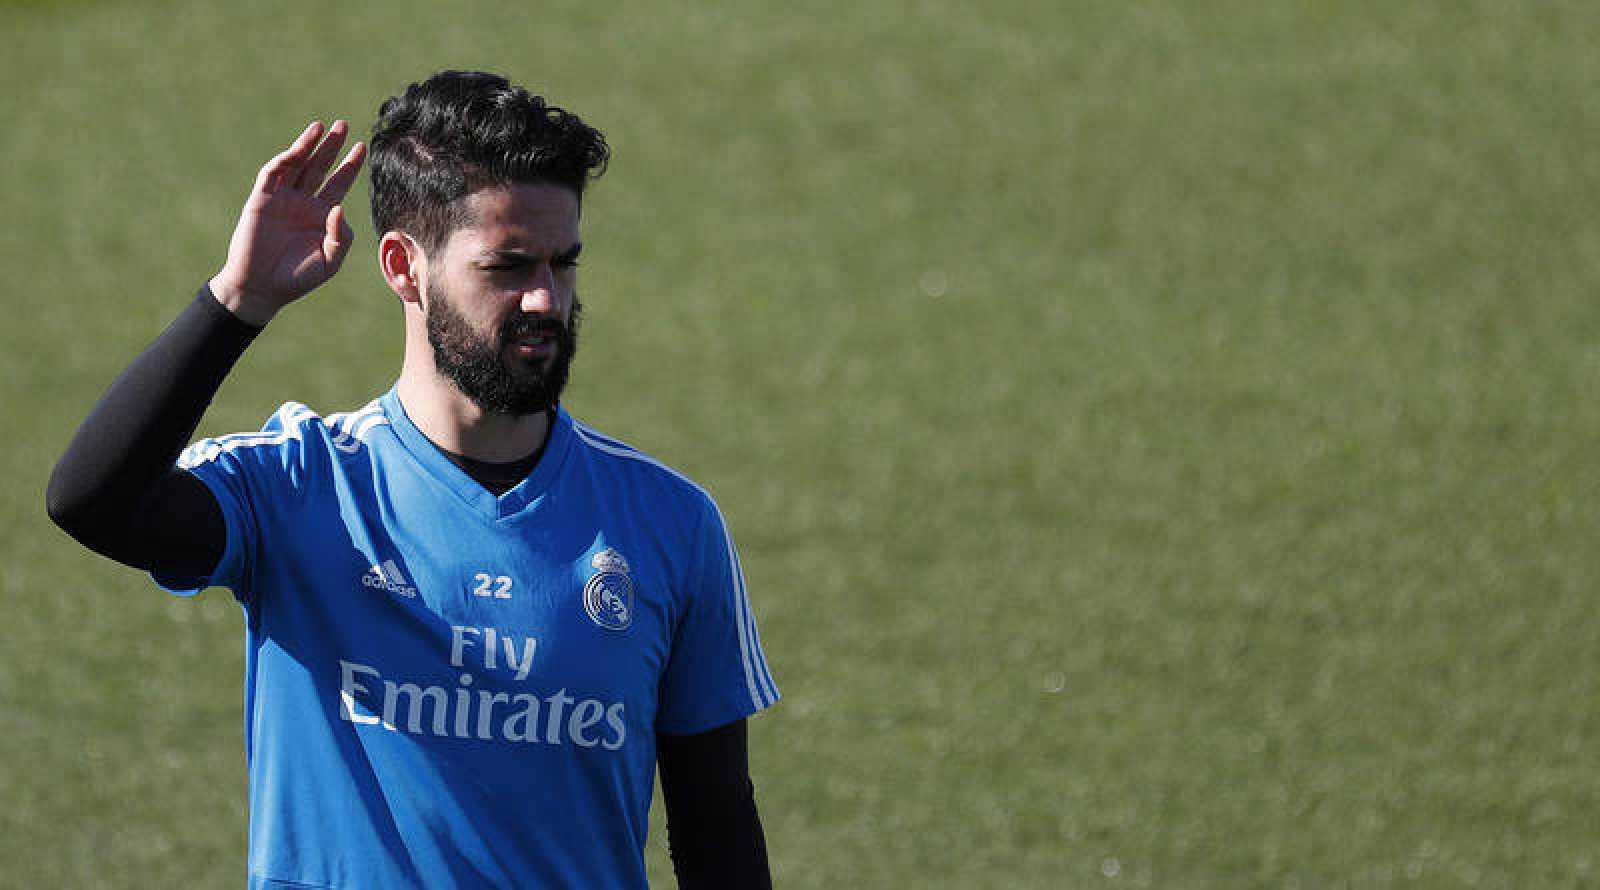 El centrocampista del Real Madrid Francisco Isco, durante el entrenamiento realizado este martes en la Ciudad Deportiva de Valdebebas.